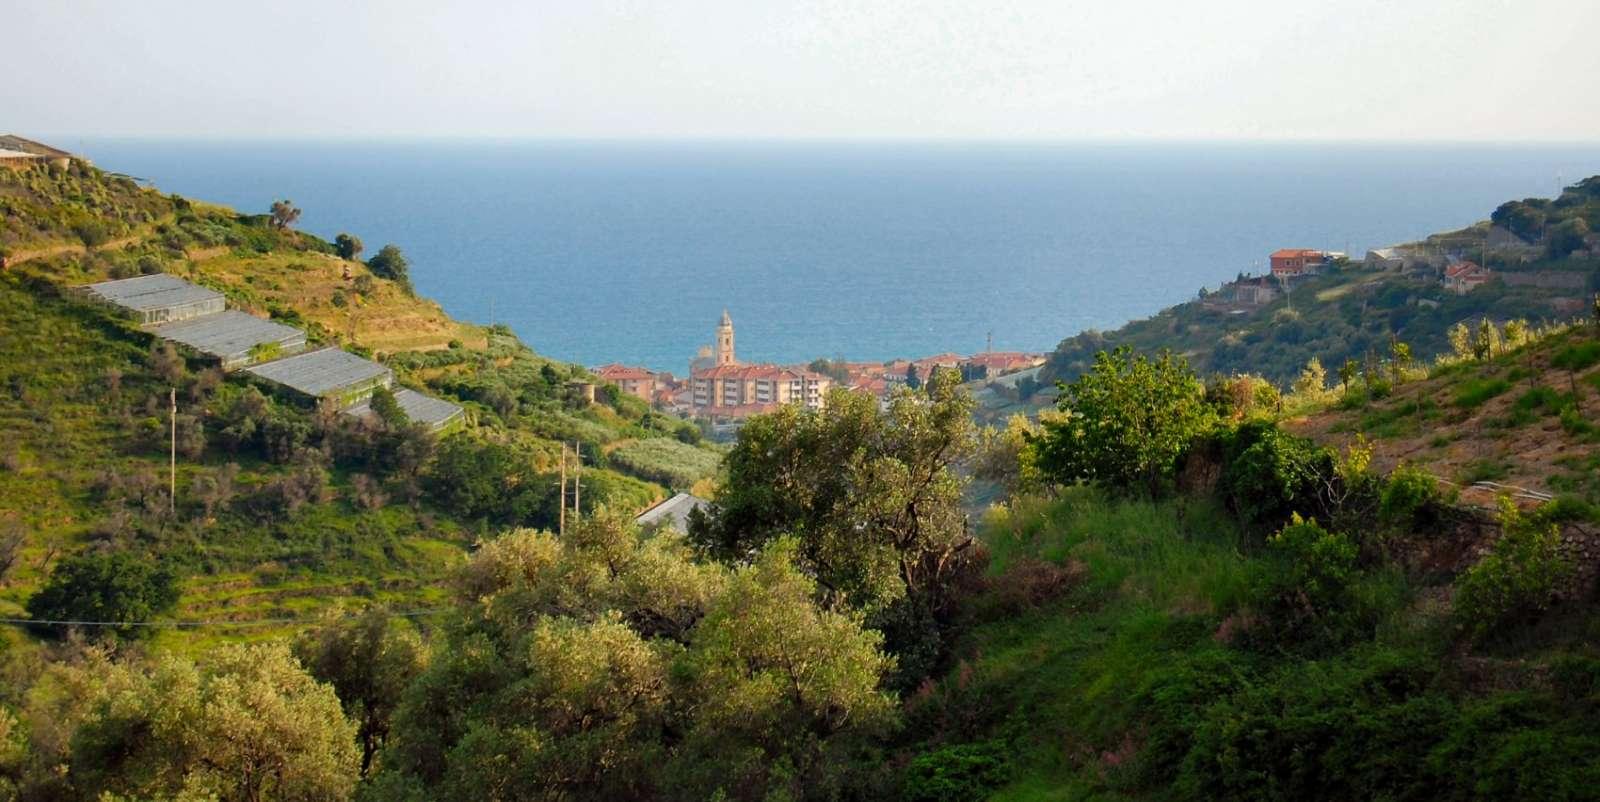 Vue sur la mer et sur Riva Ligure.